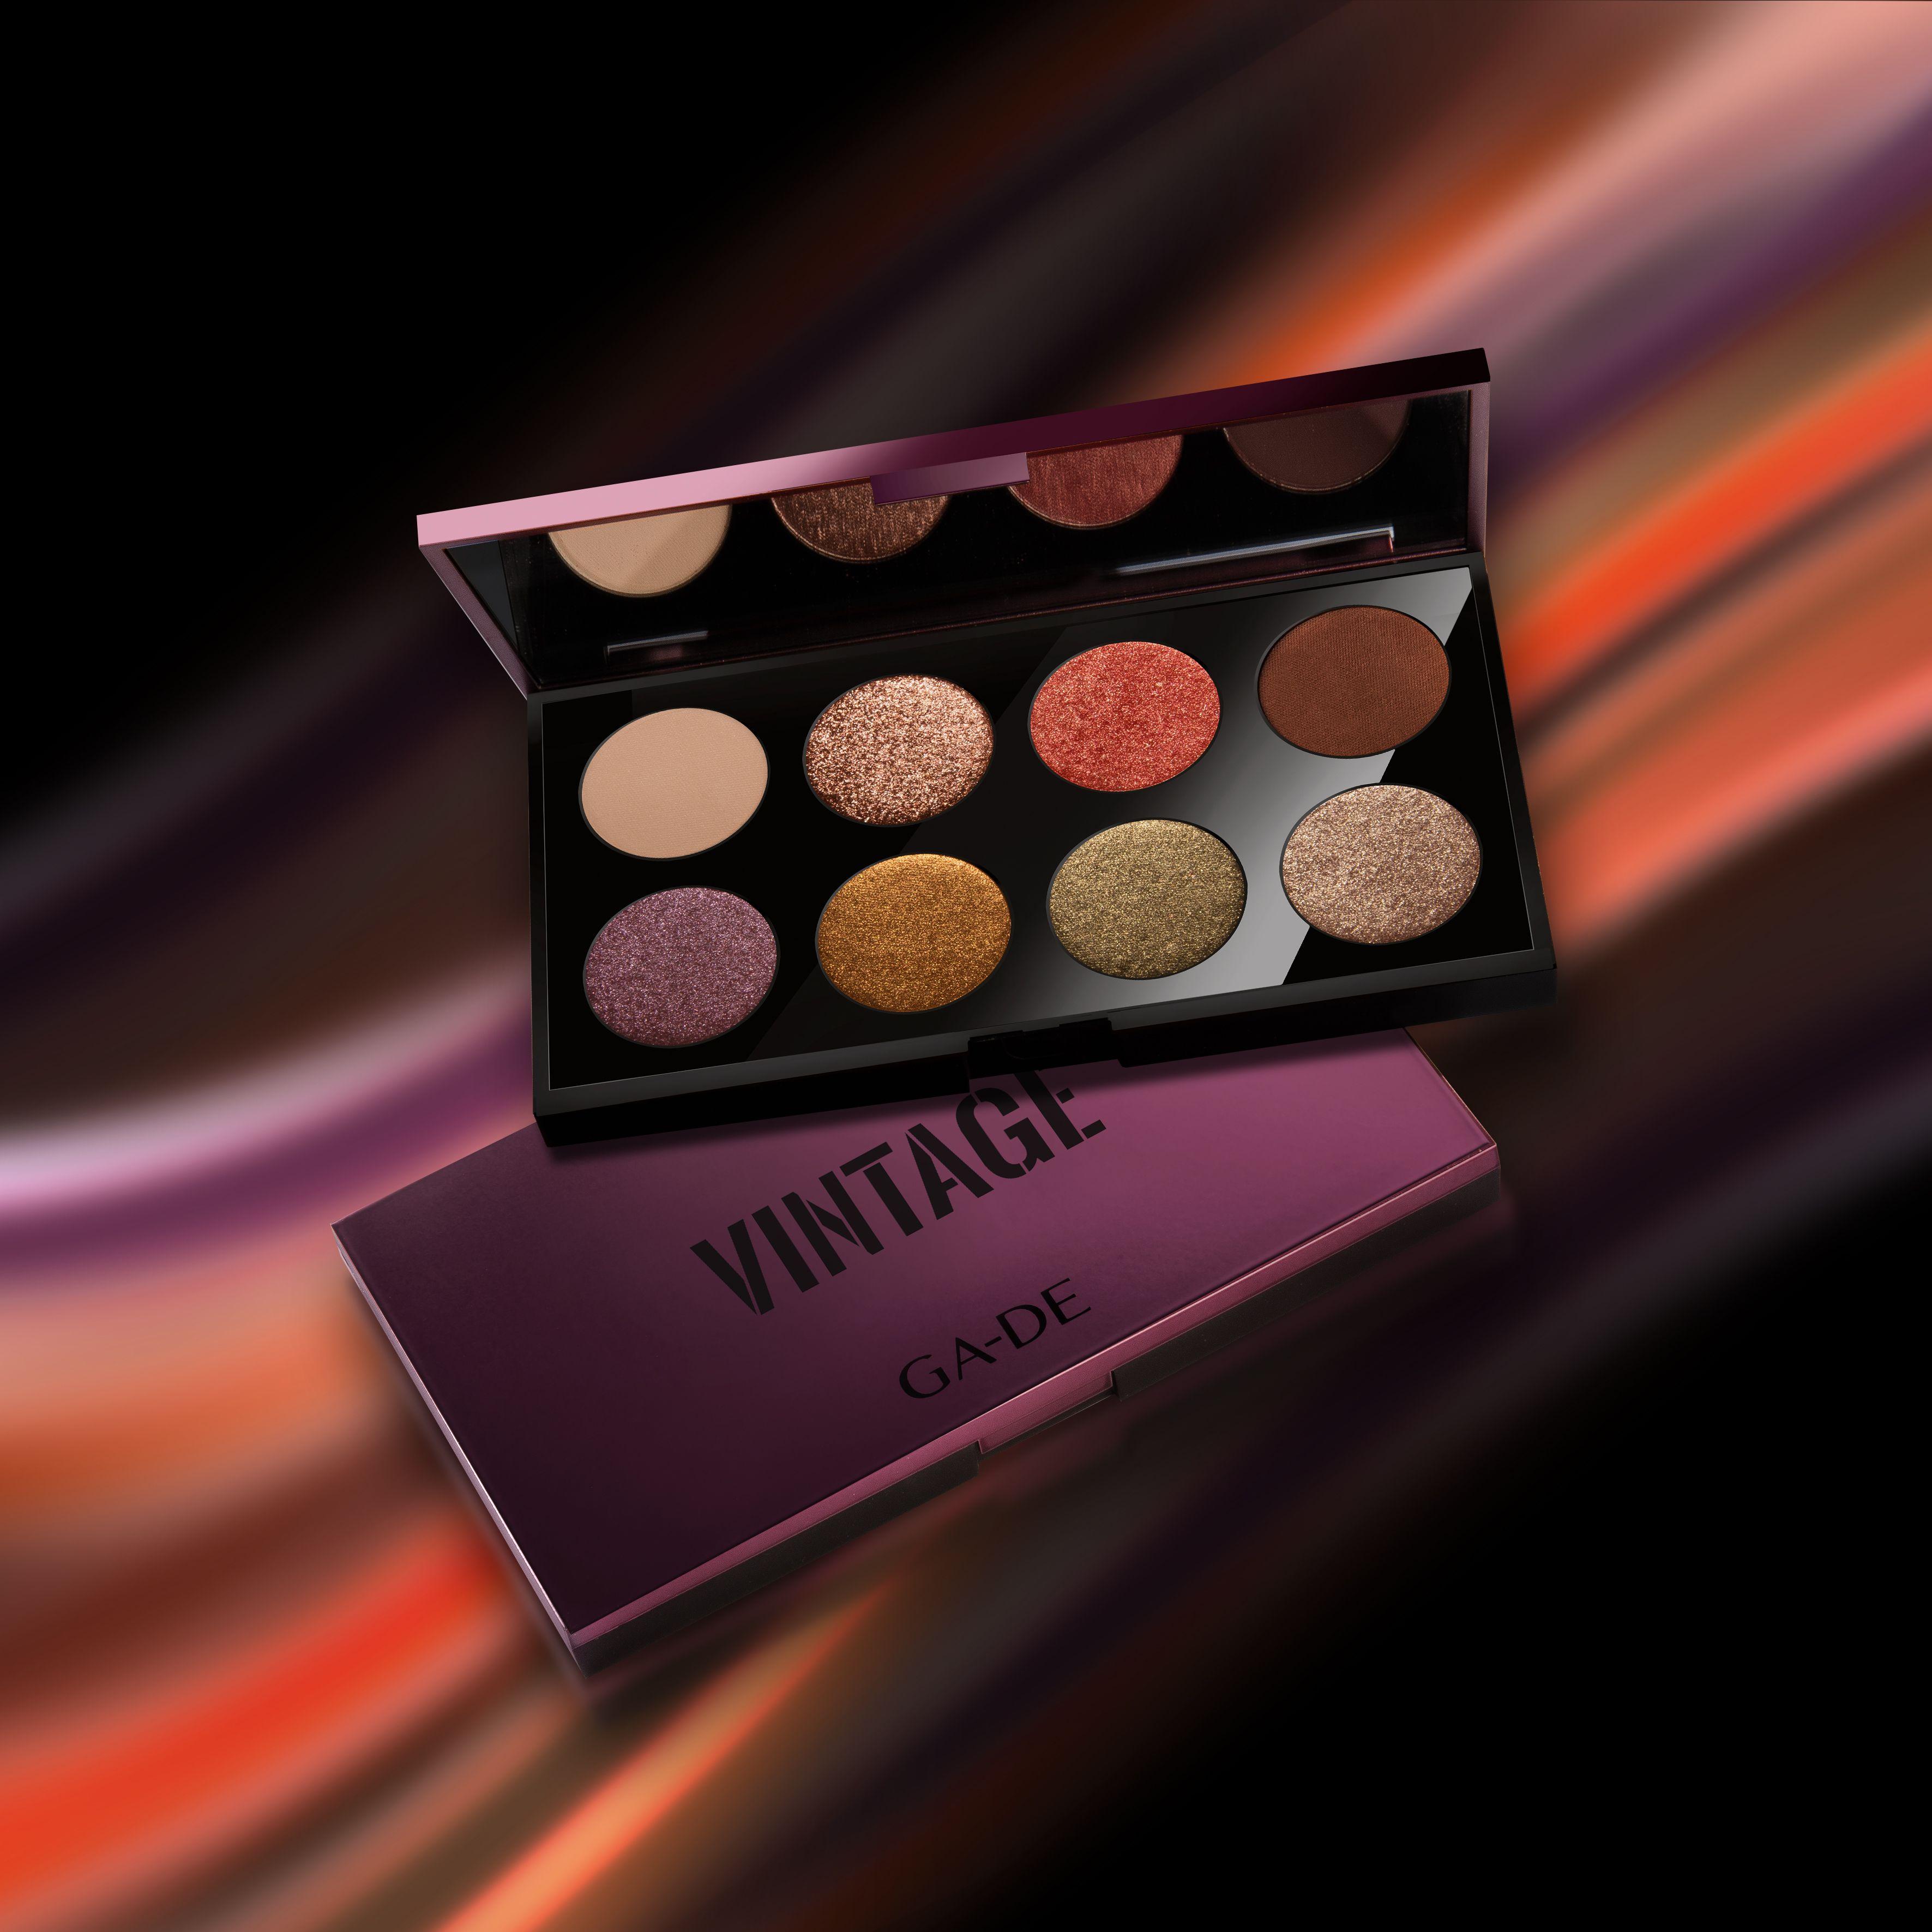 Vintage eyeshadow palette (With images) Eyeshadow